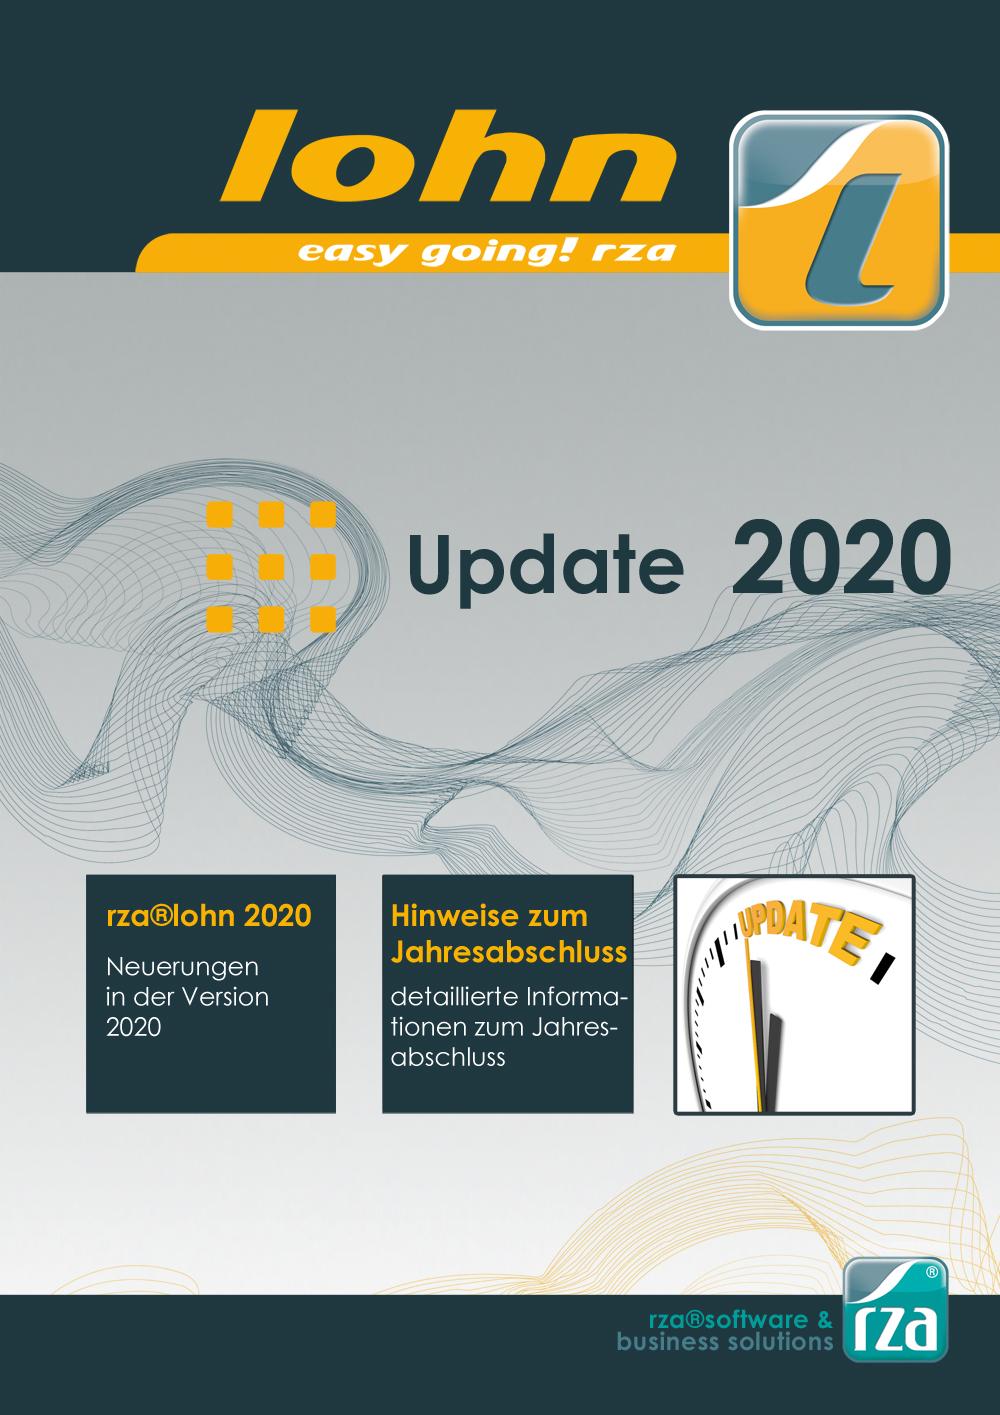 Version 2020 der rza®lohn